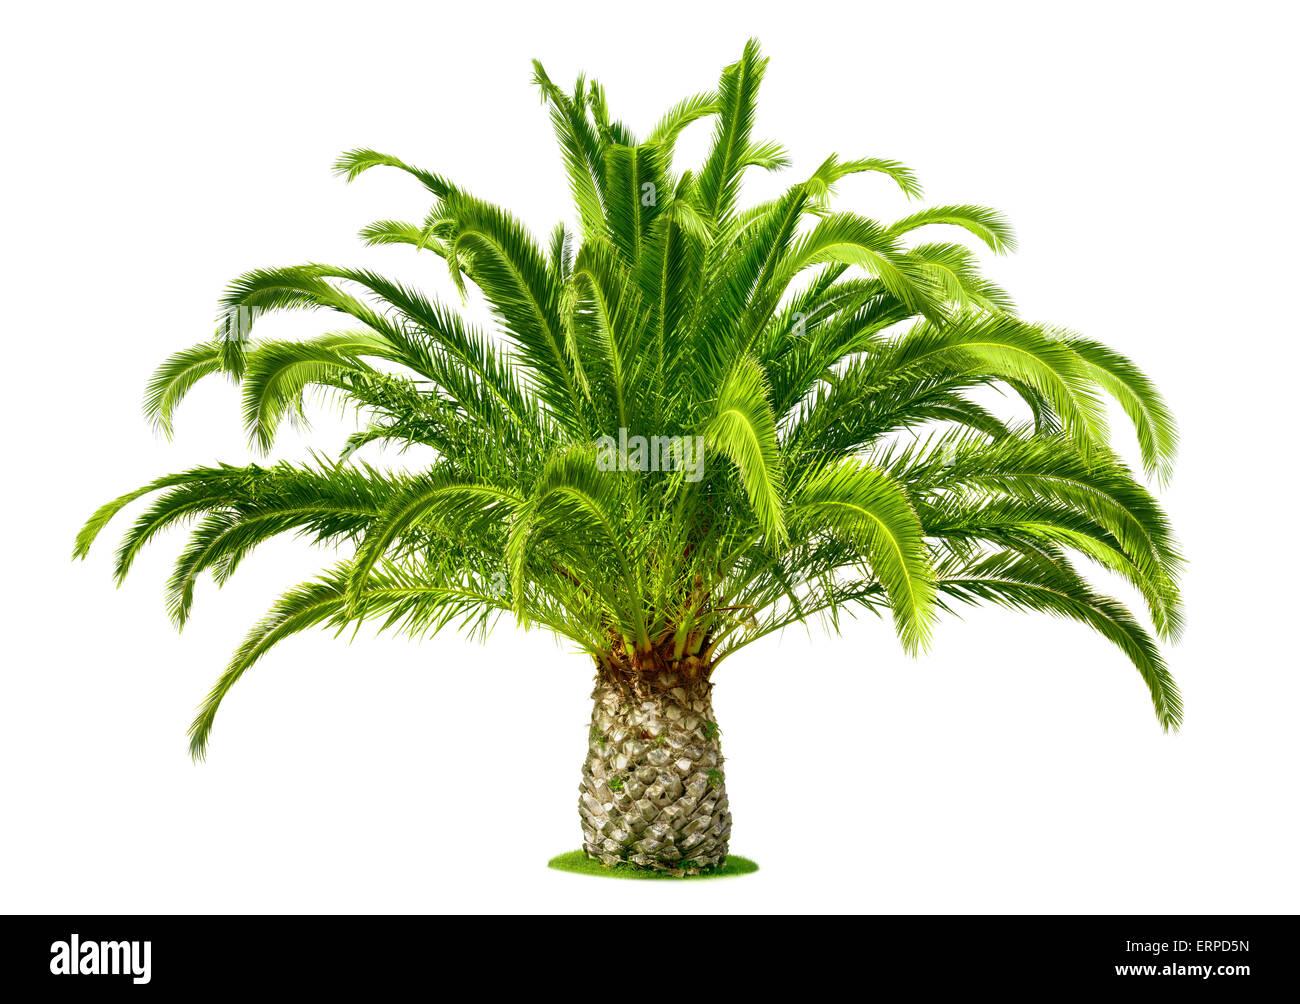 Perfetta Palm tree con lussureggianti, fresche foglie verdi e un corto tronco, isolato su bianco puro Immagini Stock